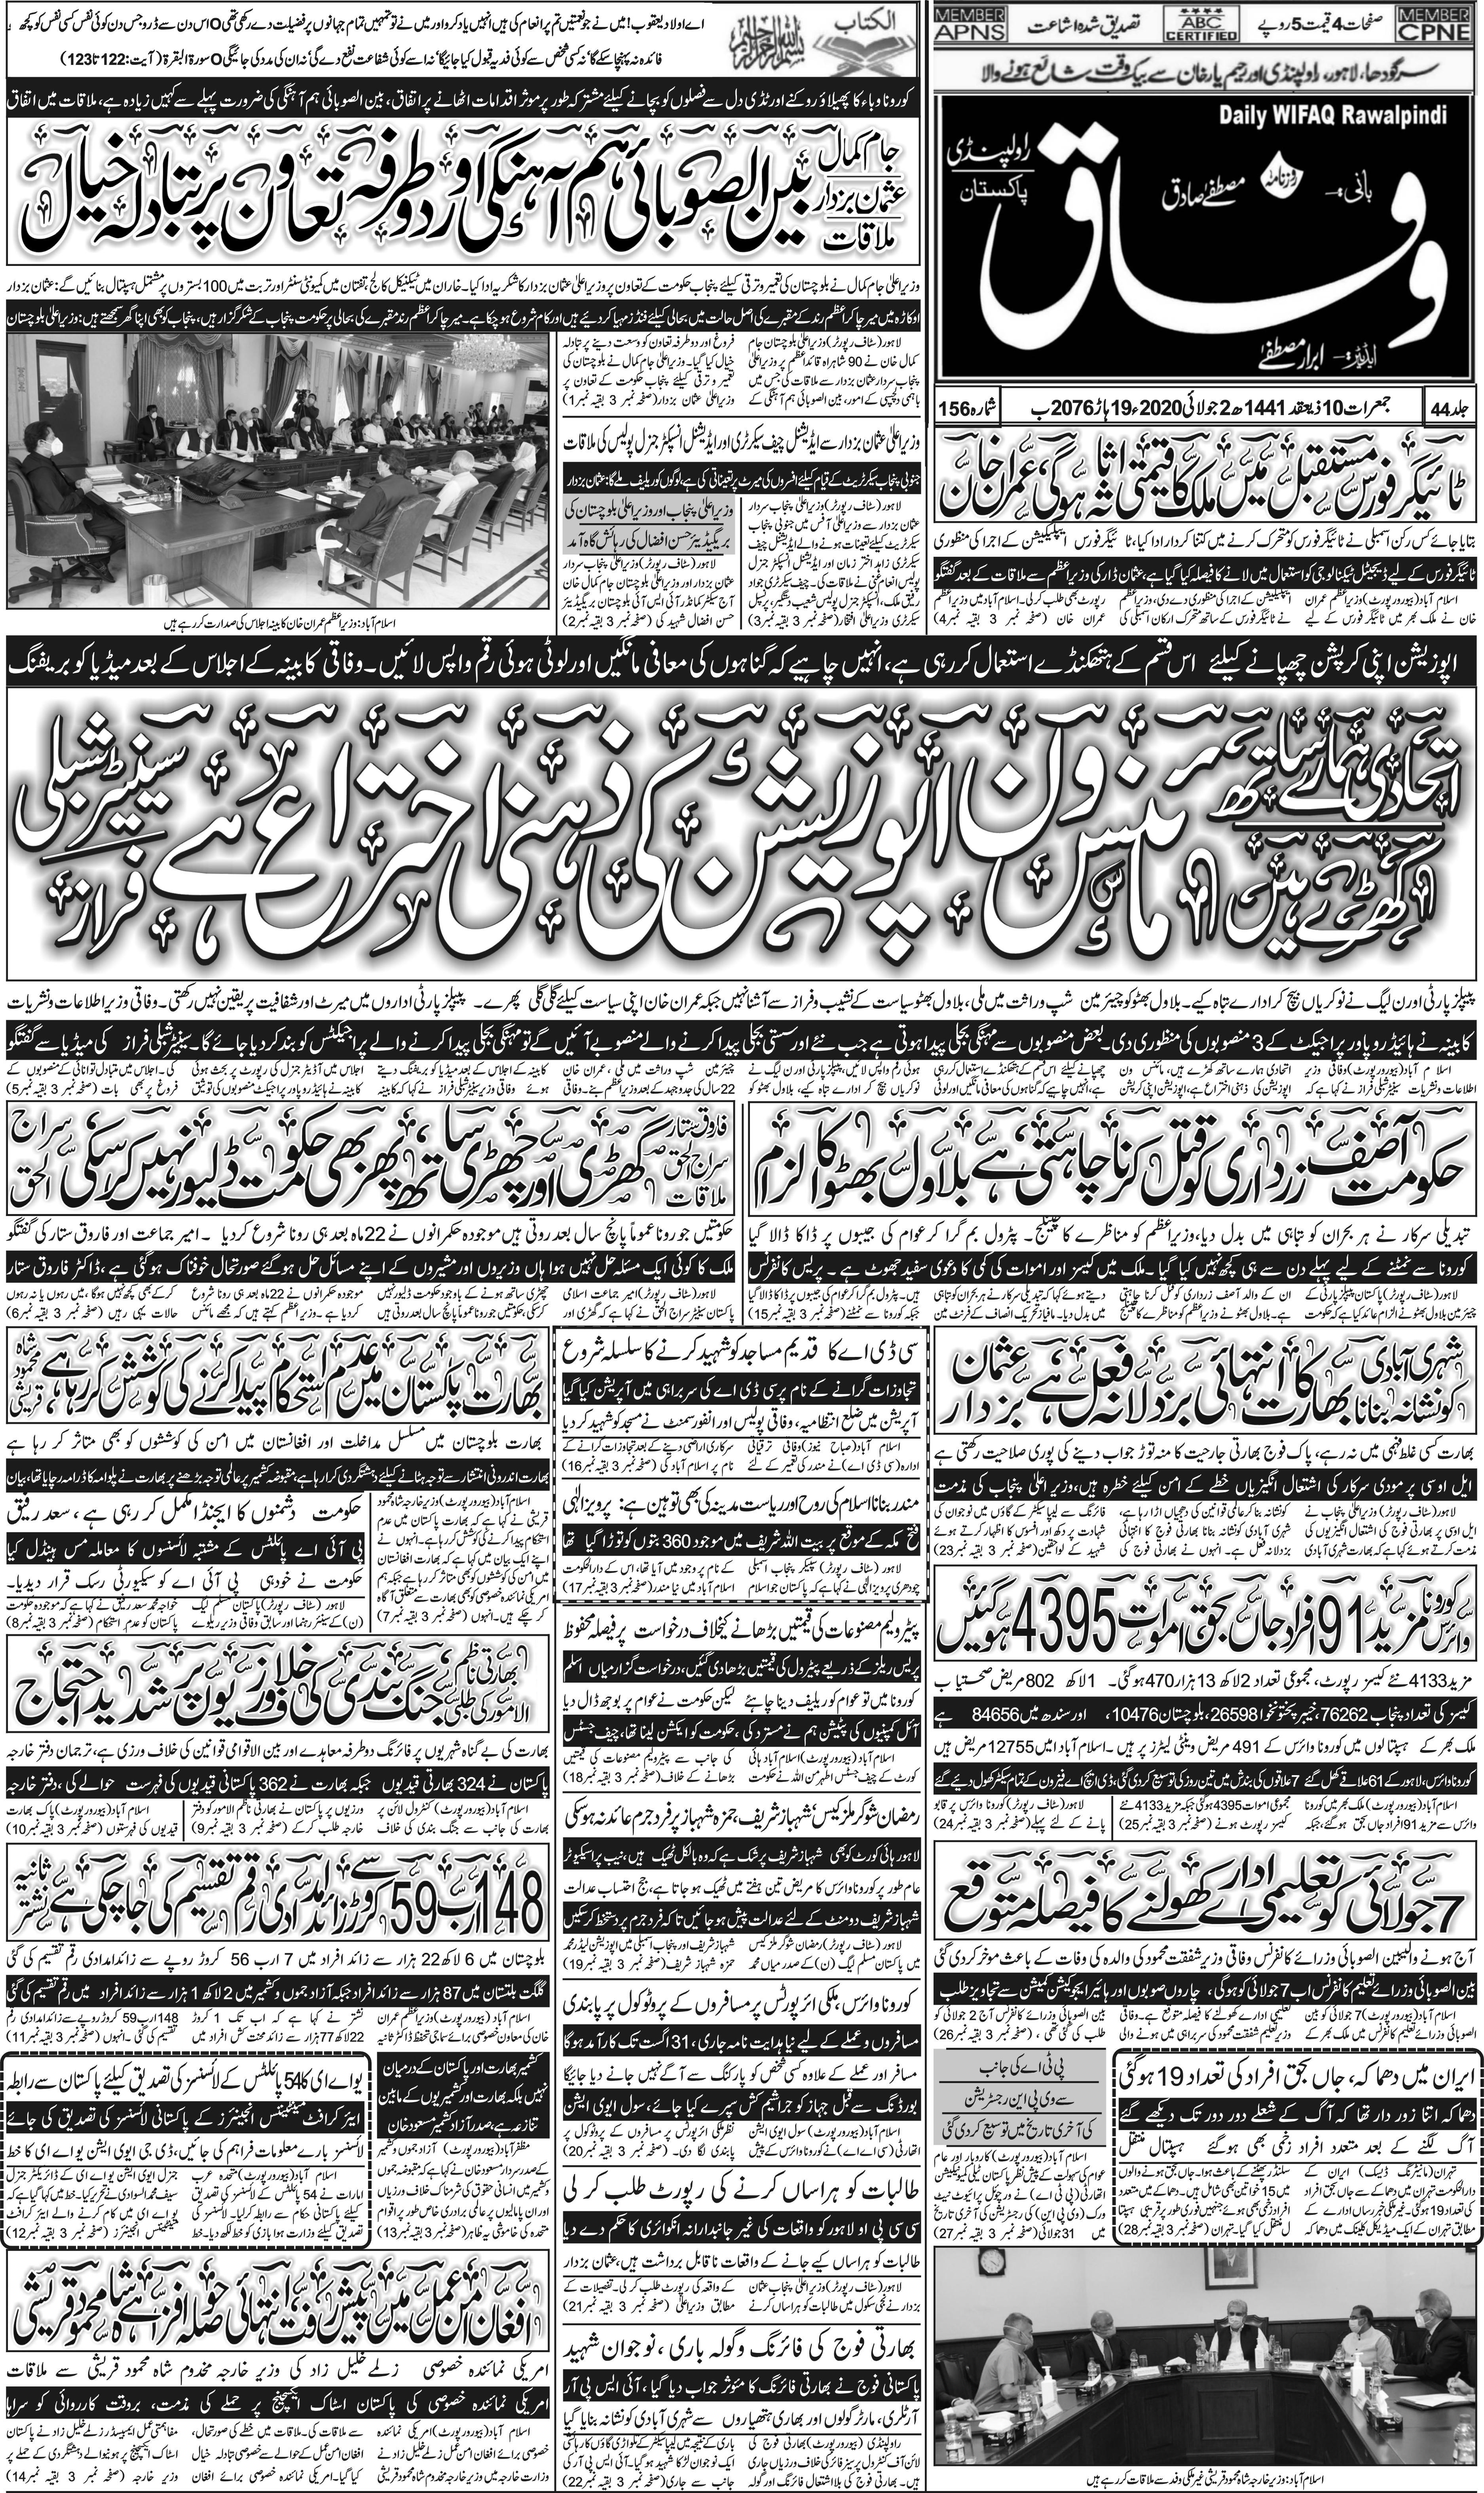 e-Paper – Daily Wifaq – Rawalpindi – 02-07-2020